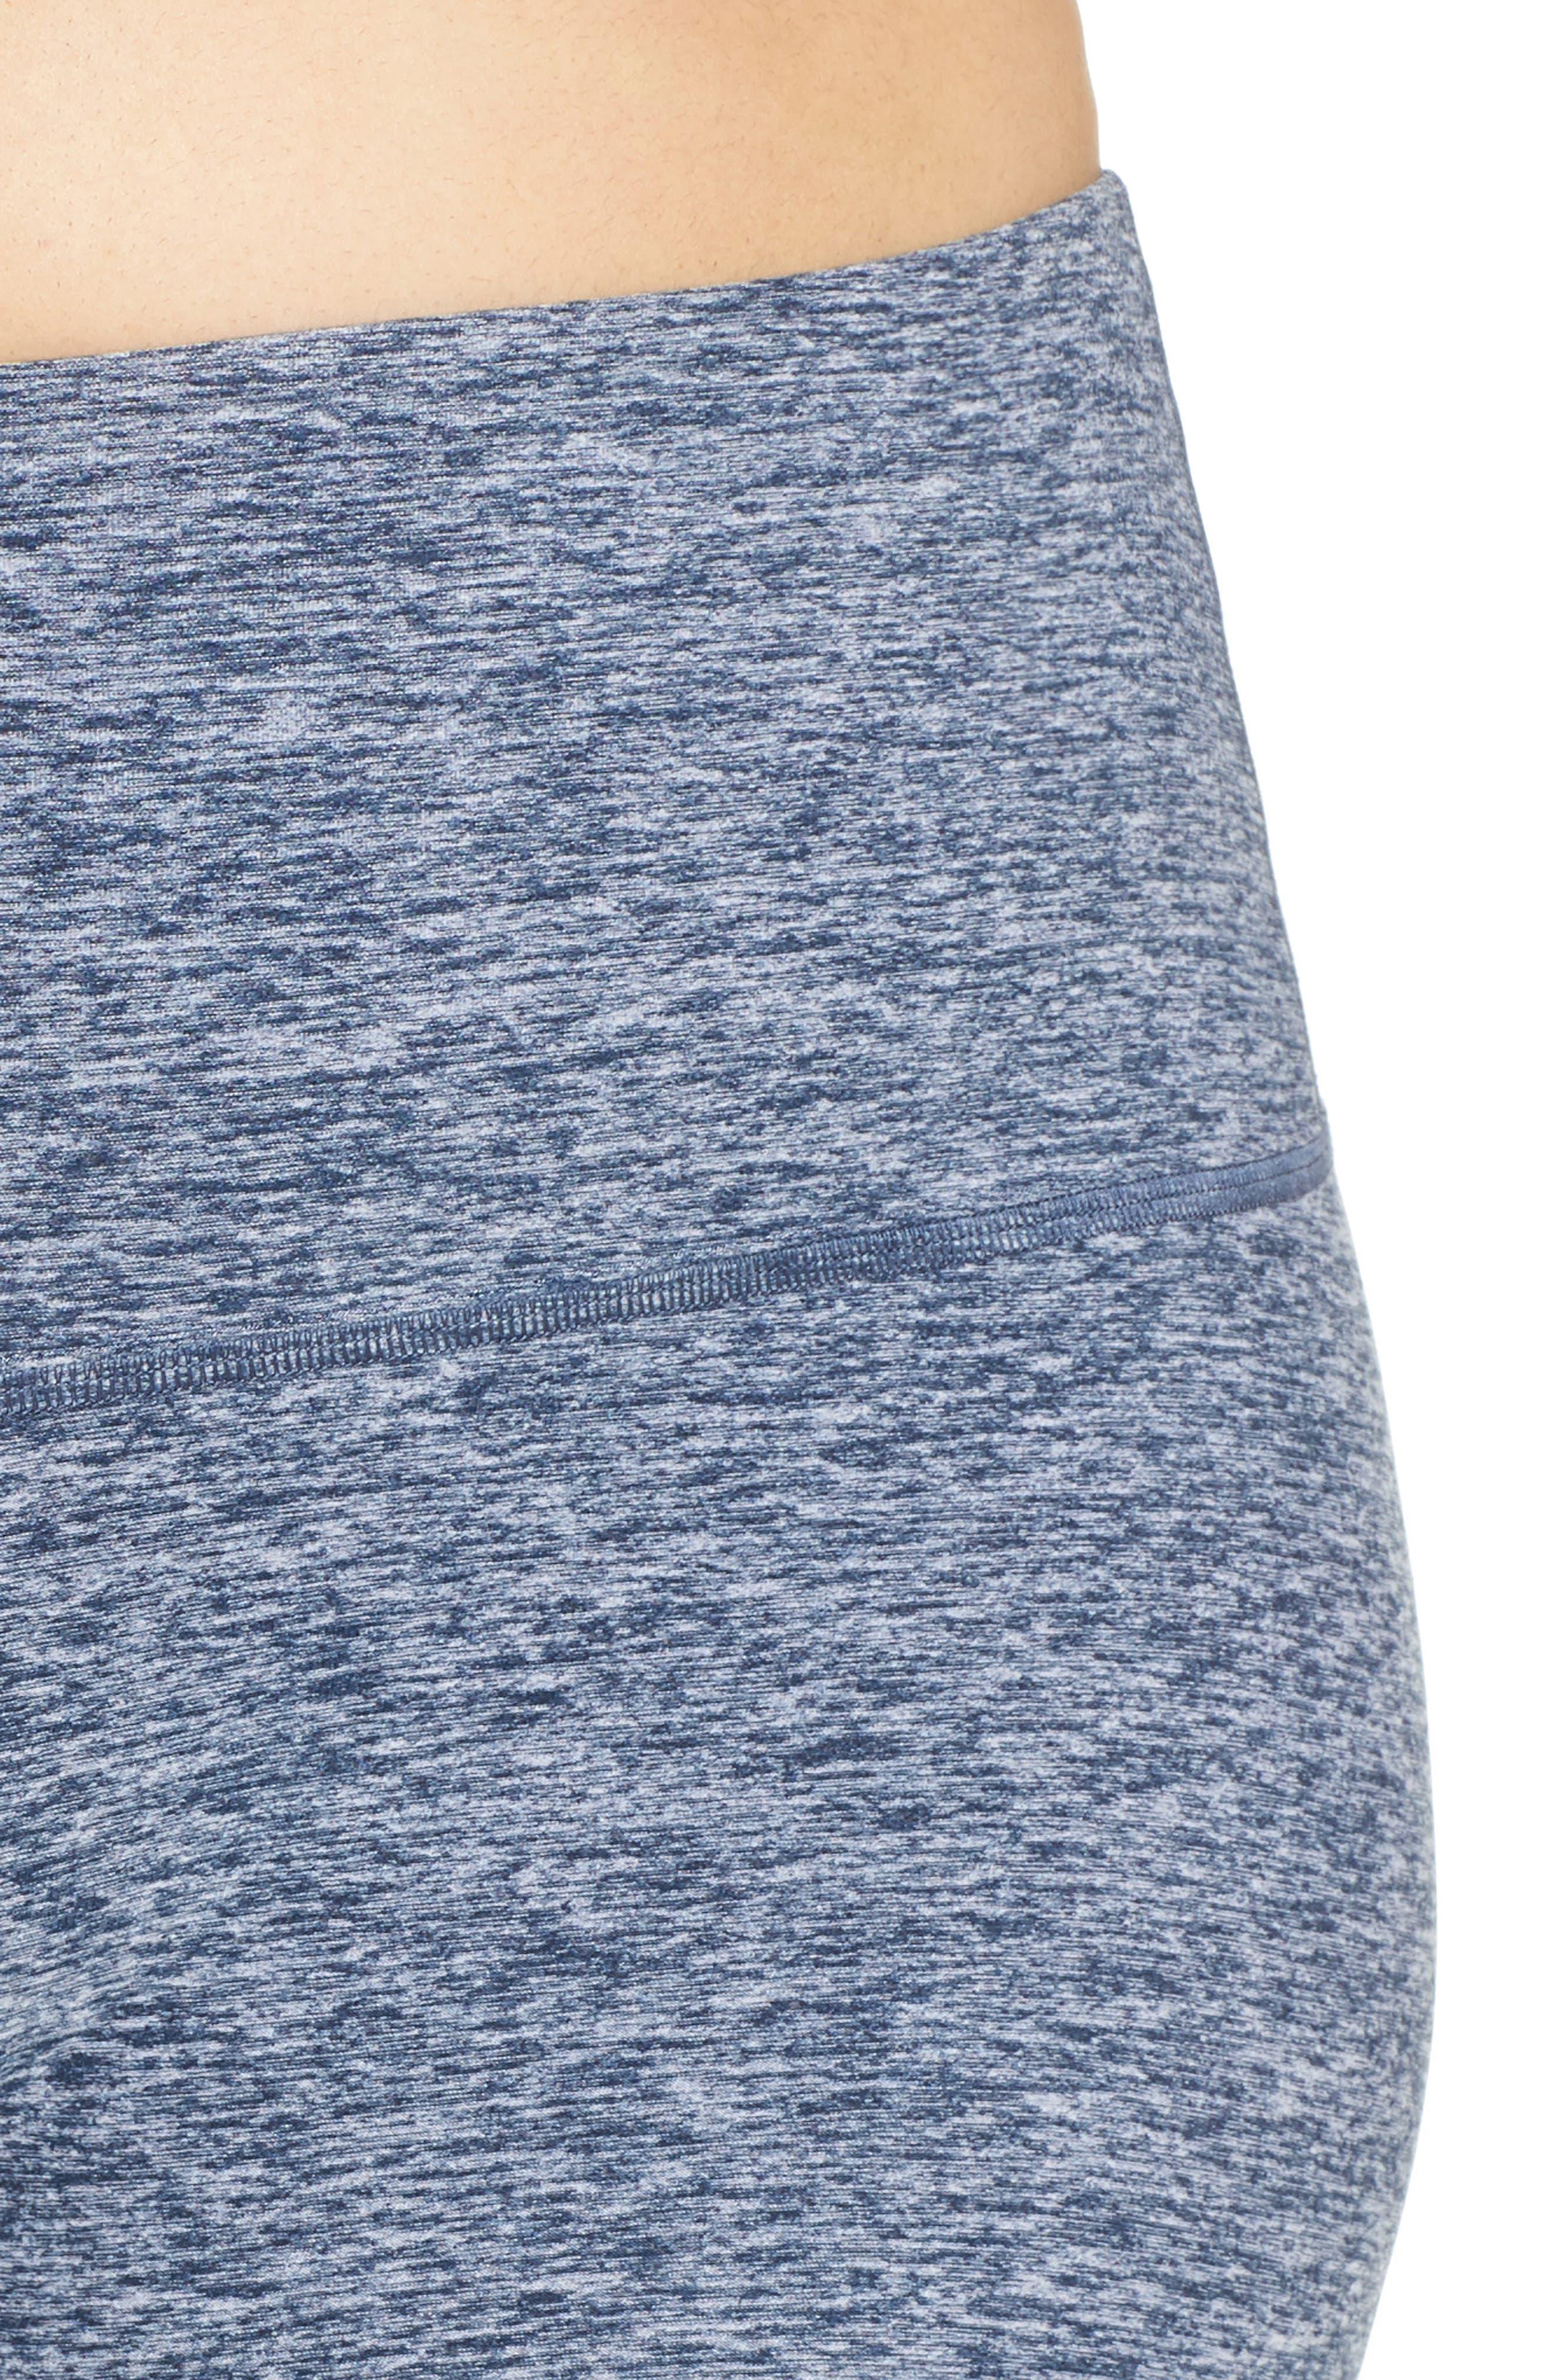 High Waist Midi Leggings,                             Alternate thumbnail 4, color,                             White/ Outlaw Navy